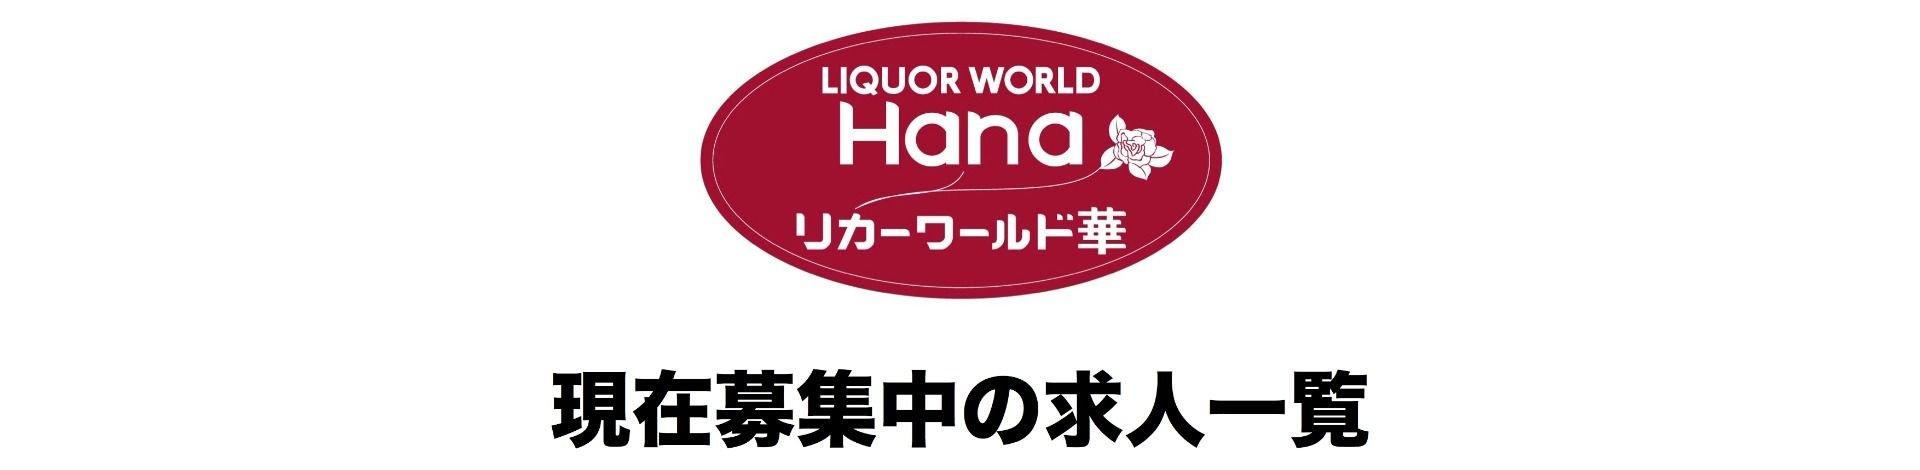 newロゴ文字入り.jpg